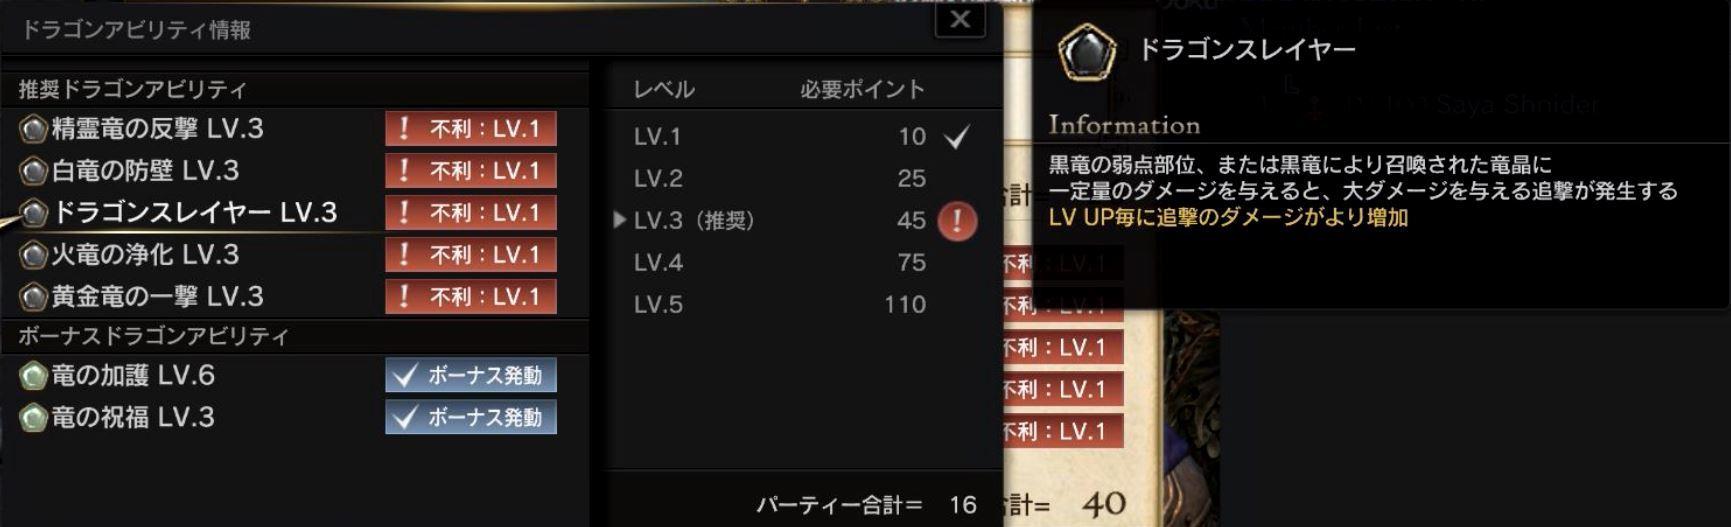 DA_3.jpg